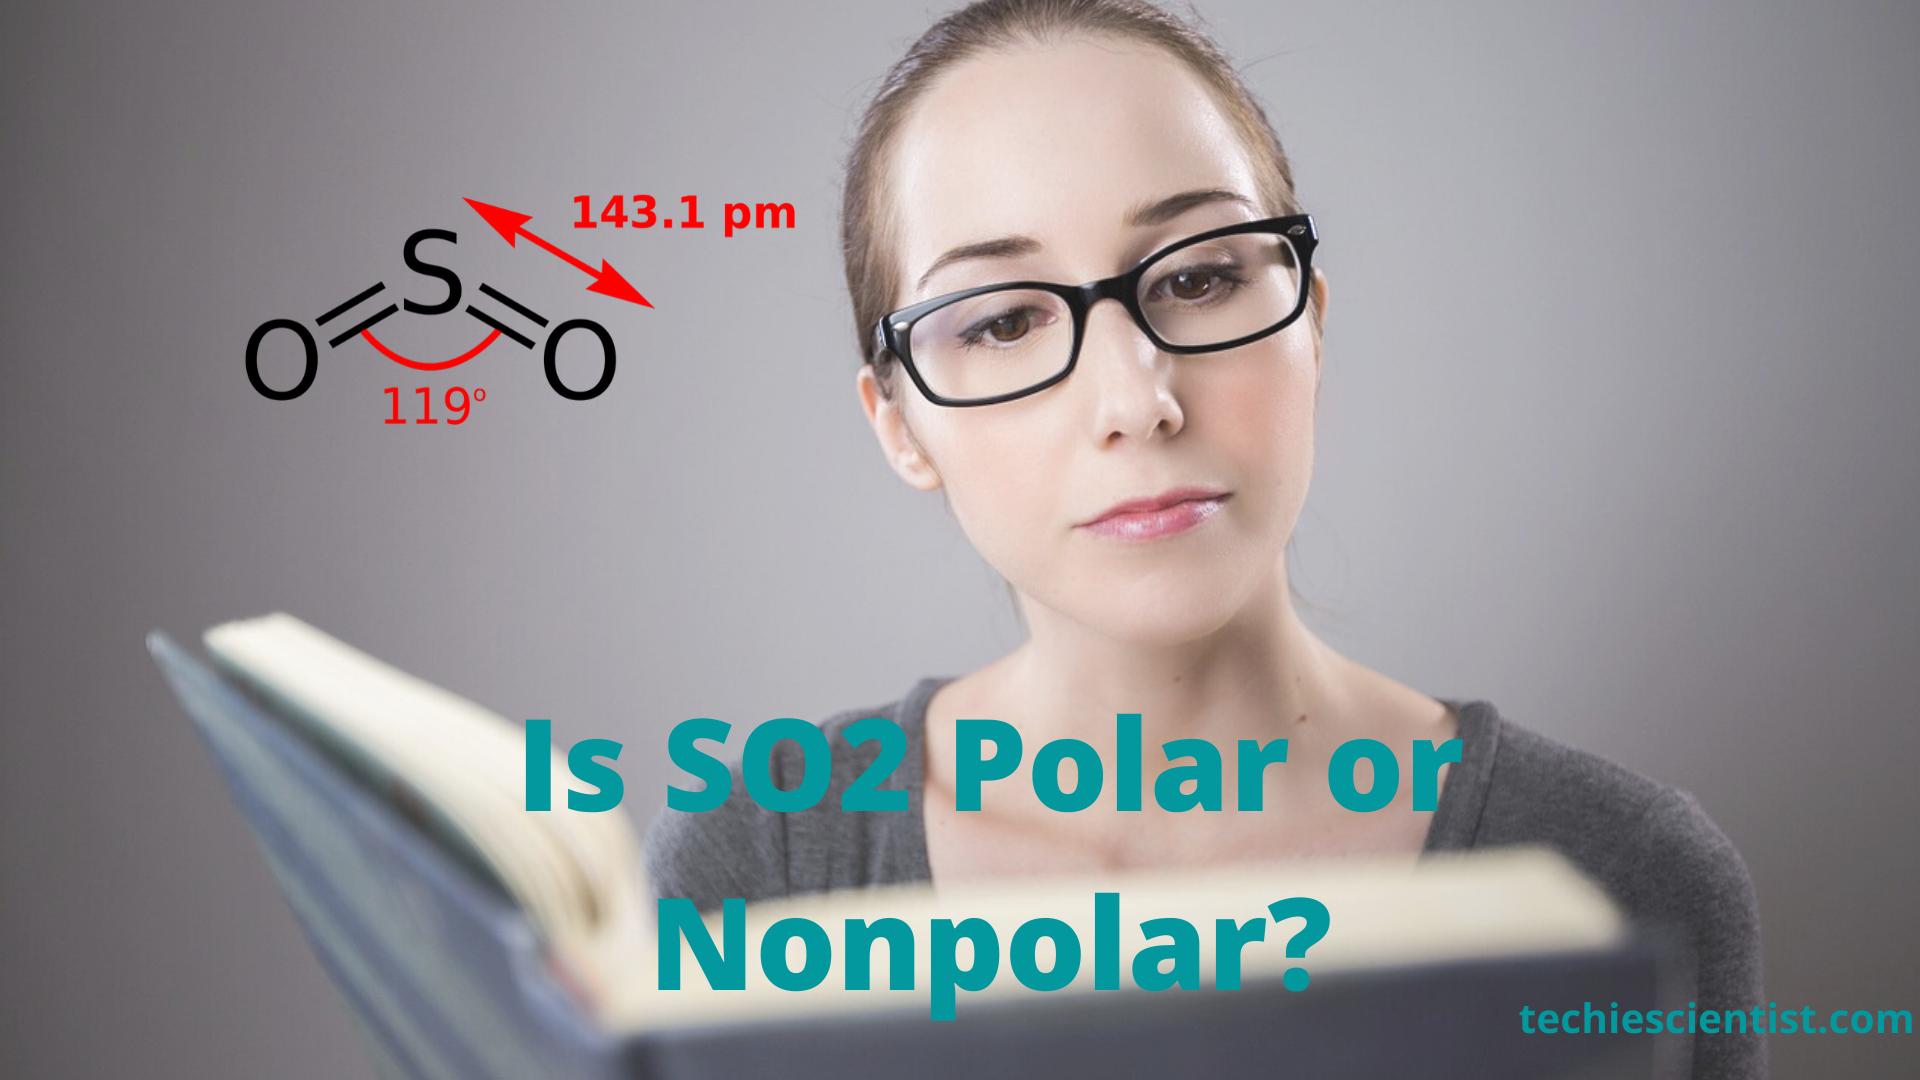 Is So2 Polar Or Nonpolar